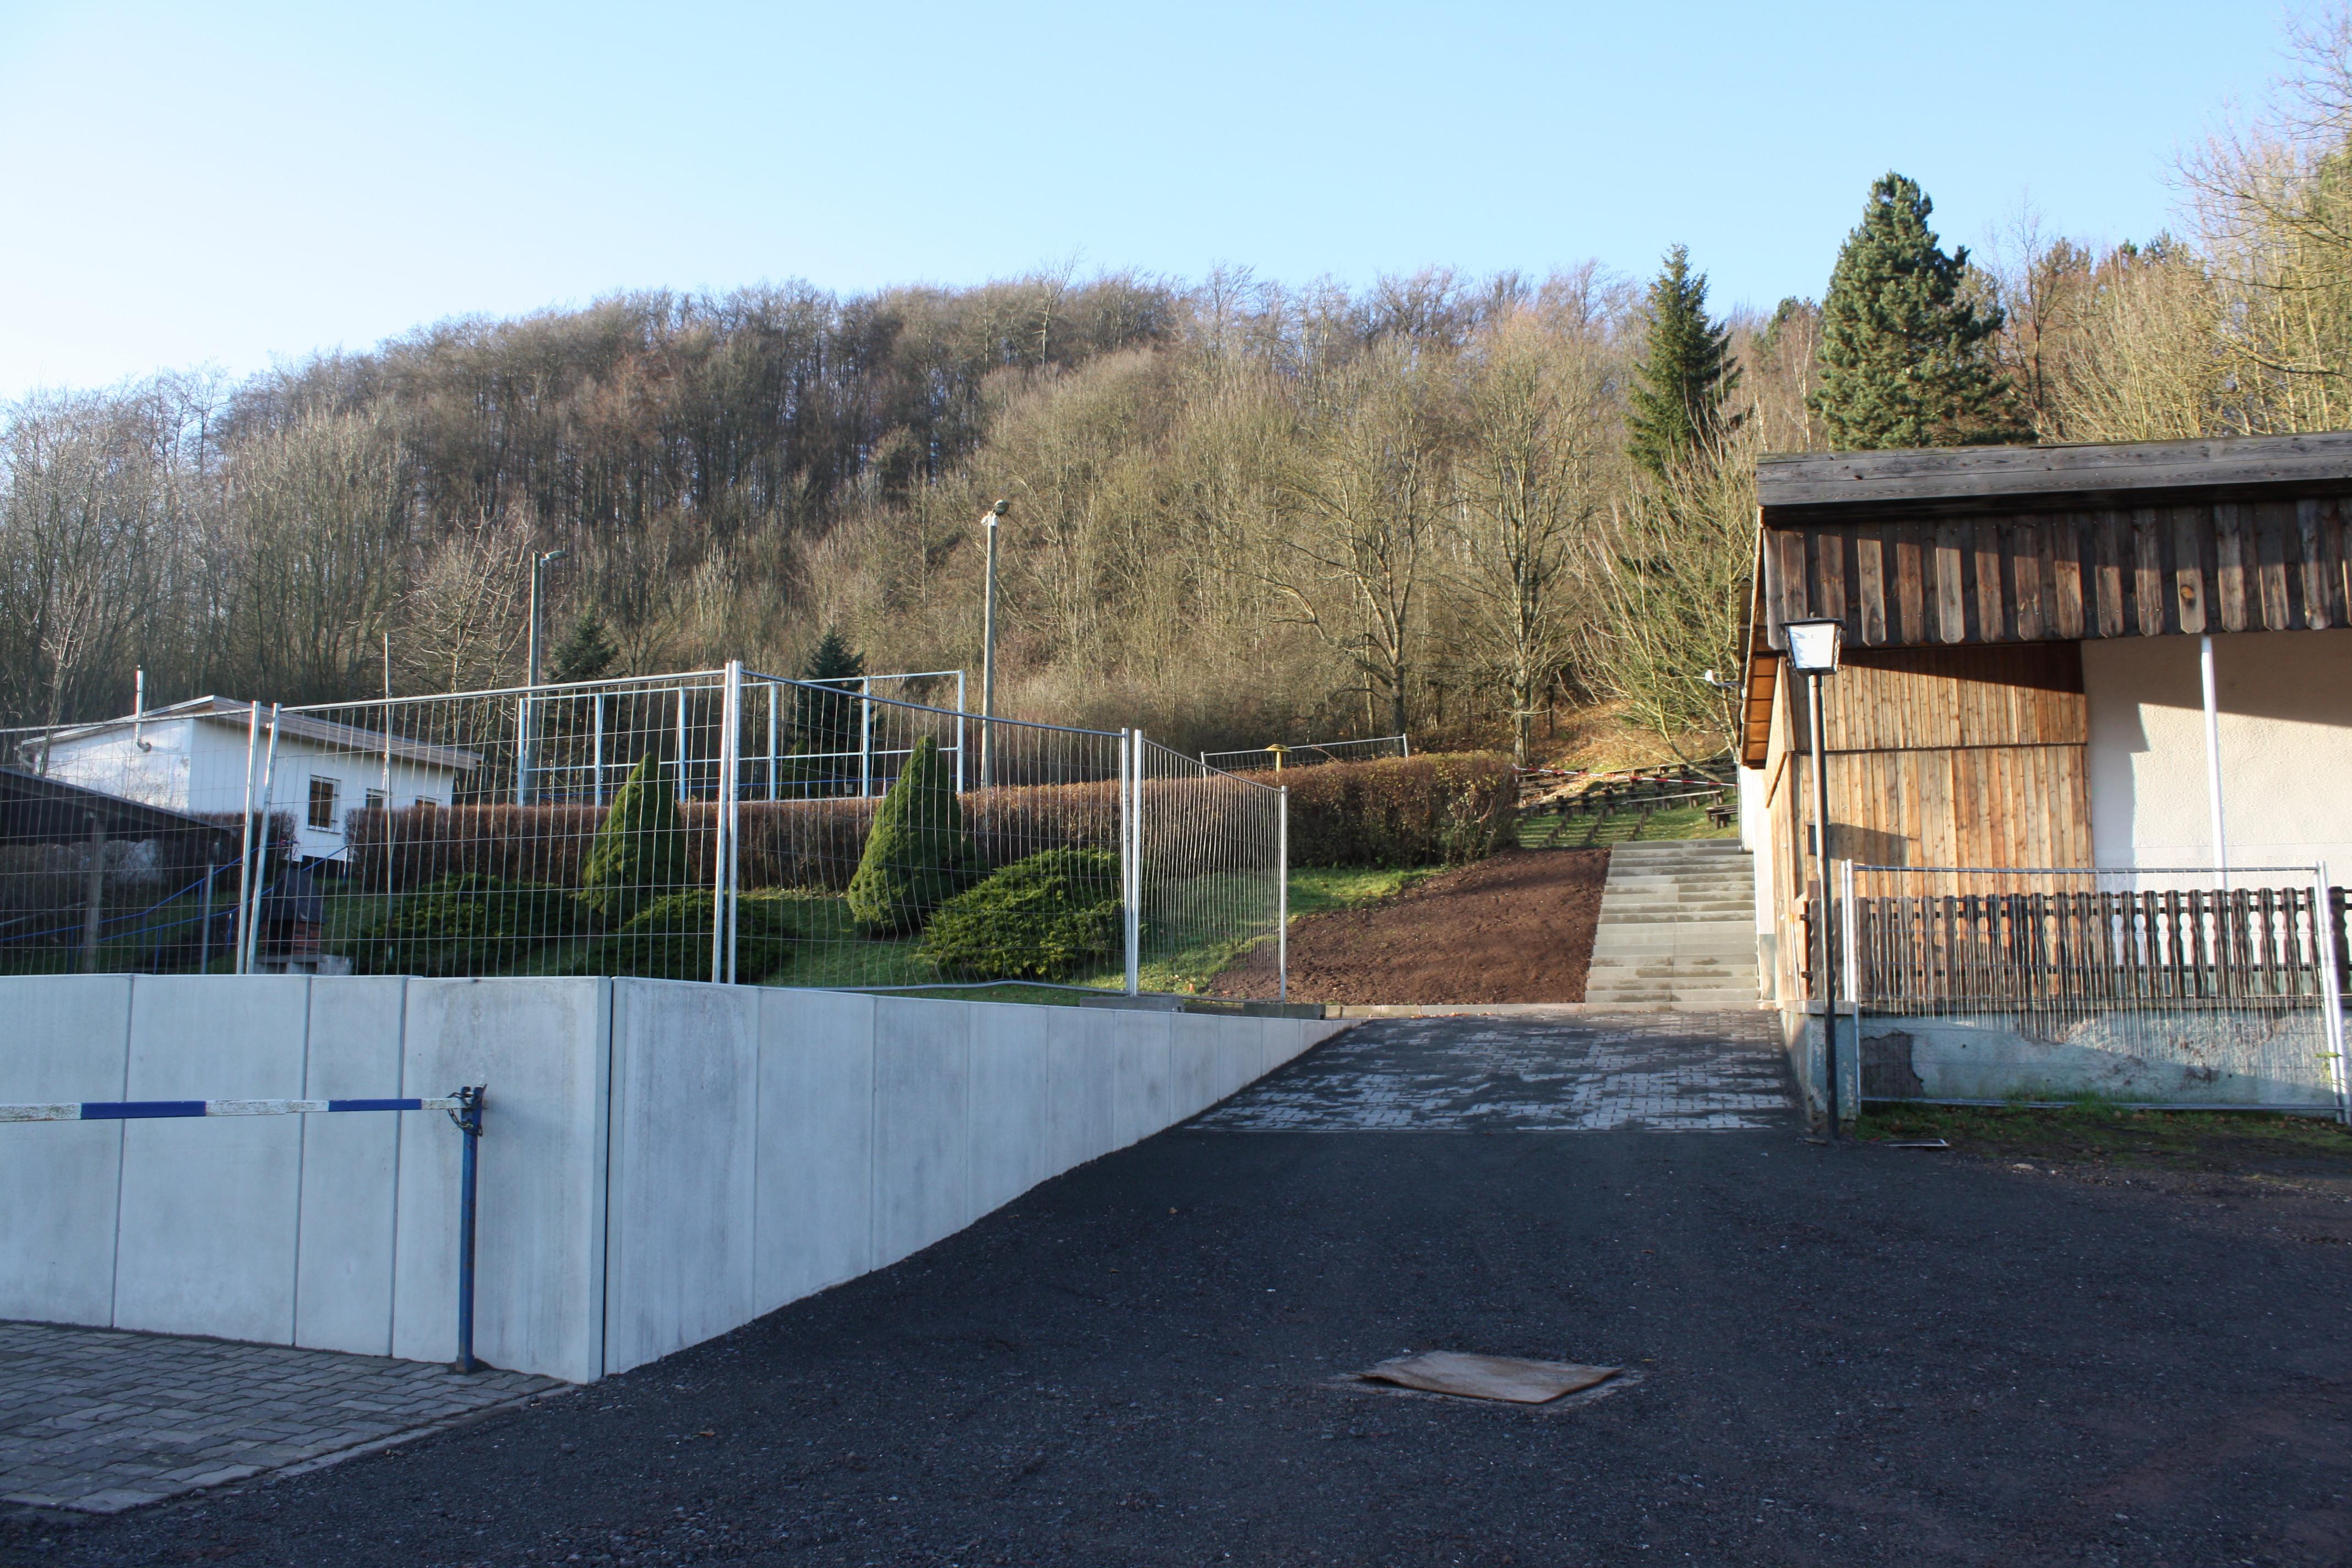 Gemeinde Großlohra, OT Friedrichslohra, Erneuerung der Stützmauer der Sport- und Kulturanlage